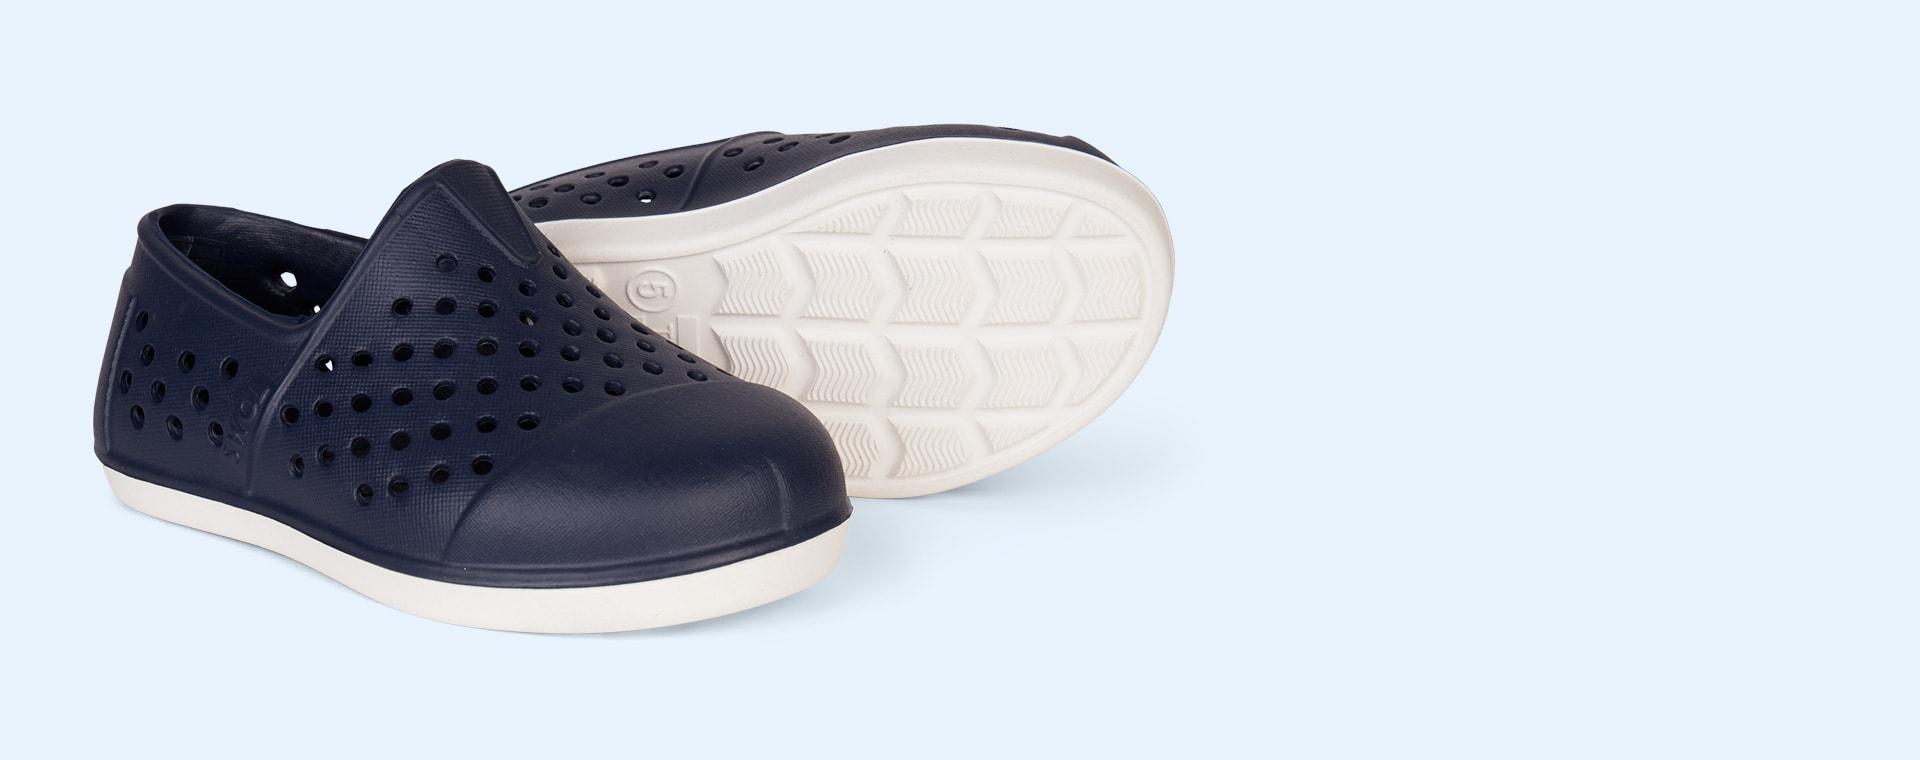 Navy TOMS Romper Slip On Shoe